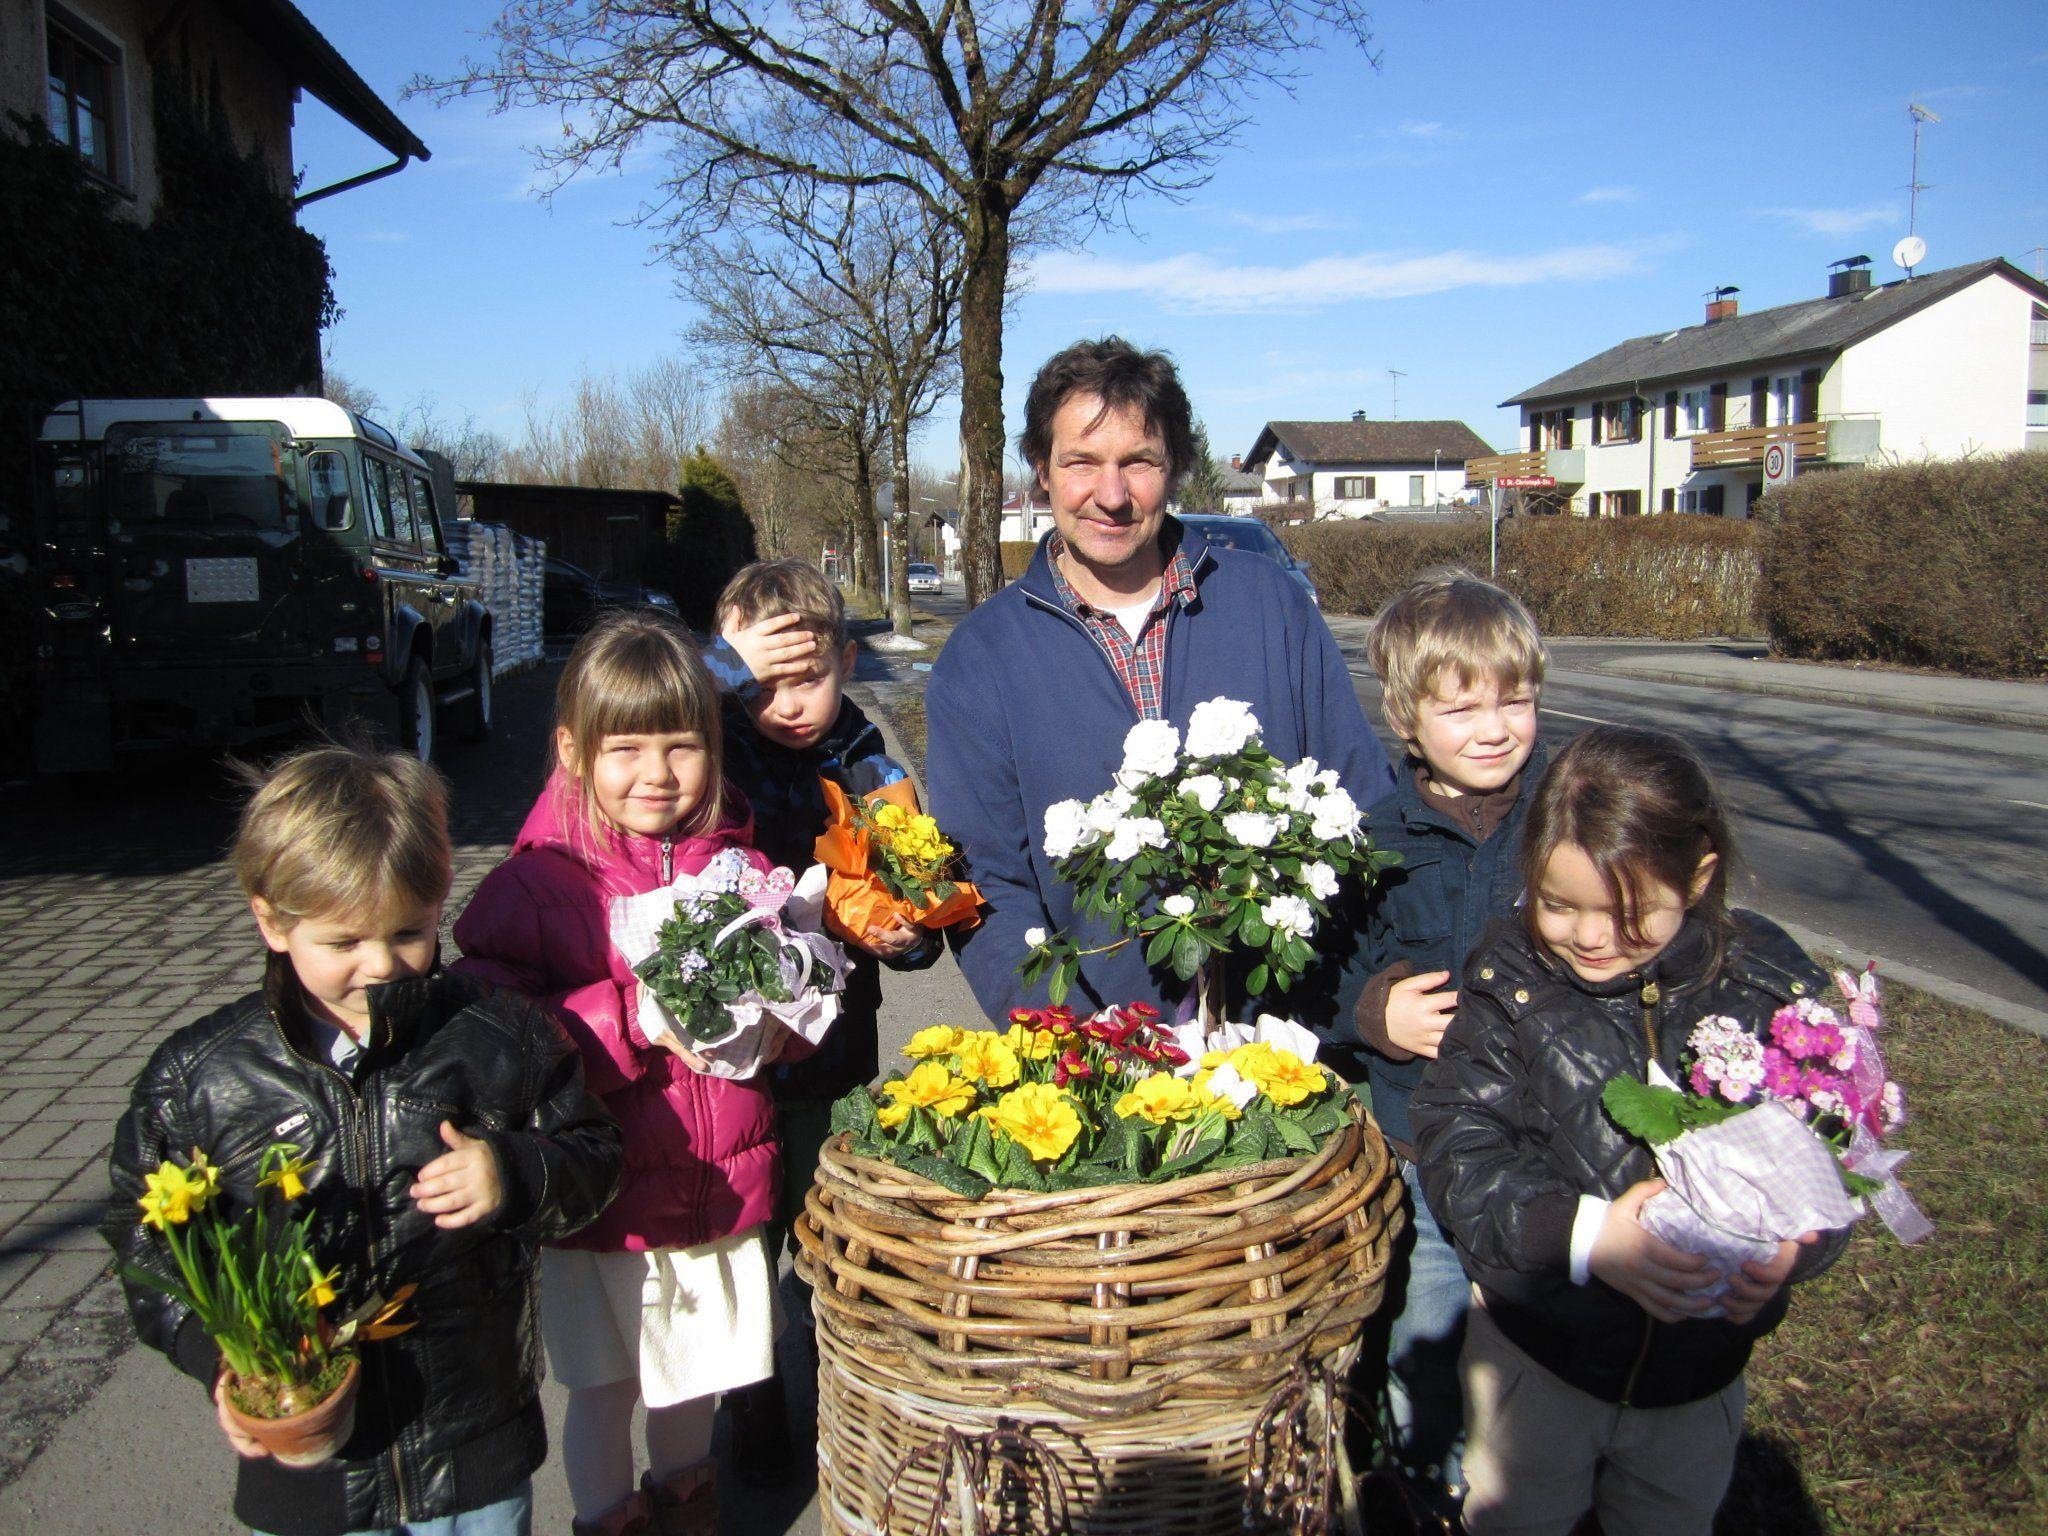 Gregor, Sema, Antonia, Joshua und Noah vom Kindergarten Rohrbach waren in der Gärtnerei Martin Lenz zu Besuch.